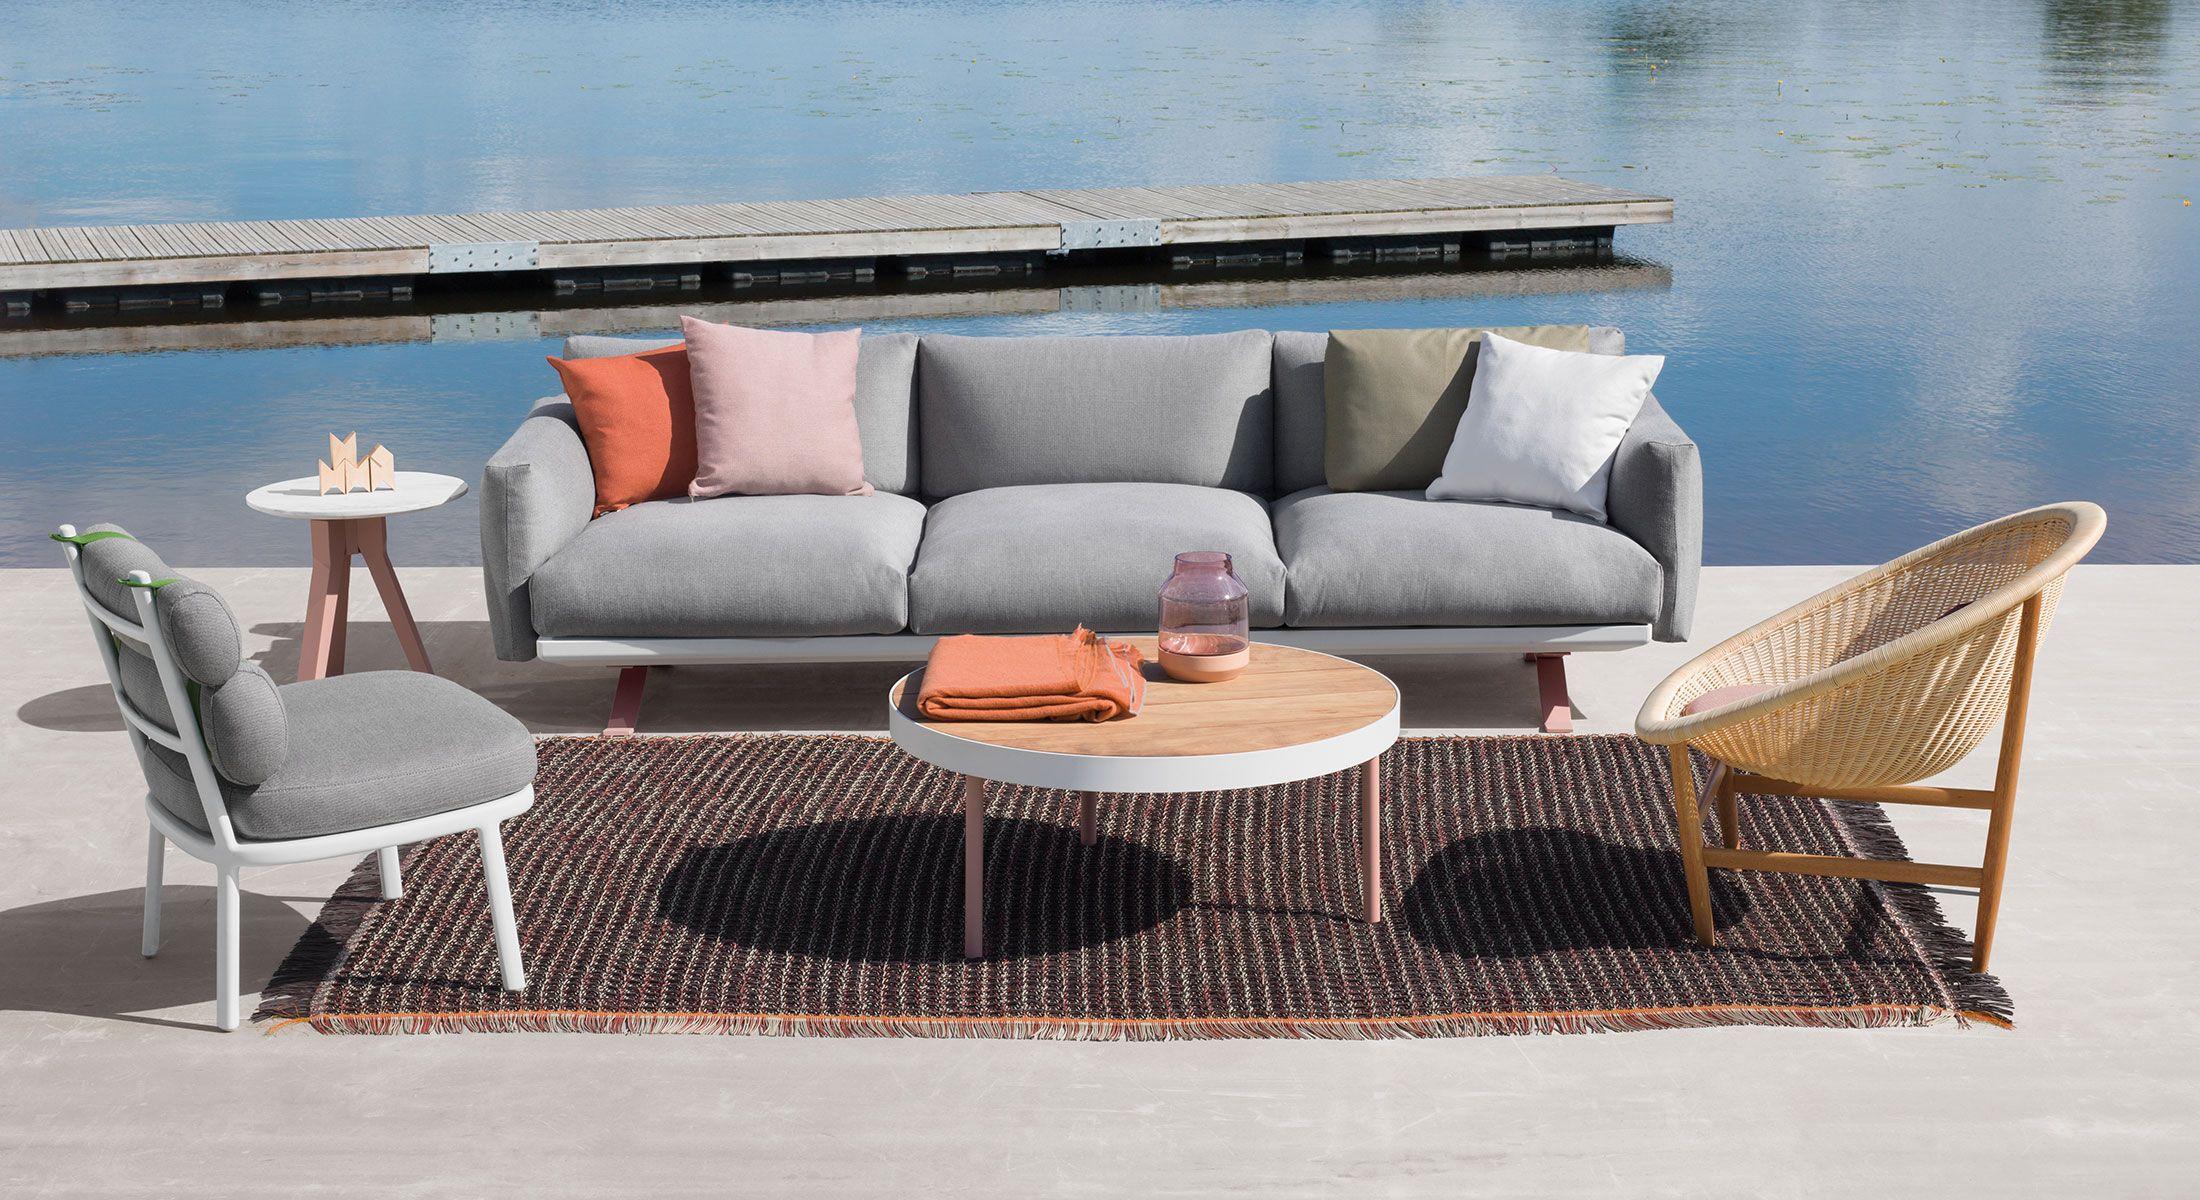 Kettal muebles de dise o de exterior mobiliario for Mobiliario para exteriores